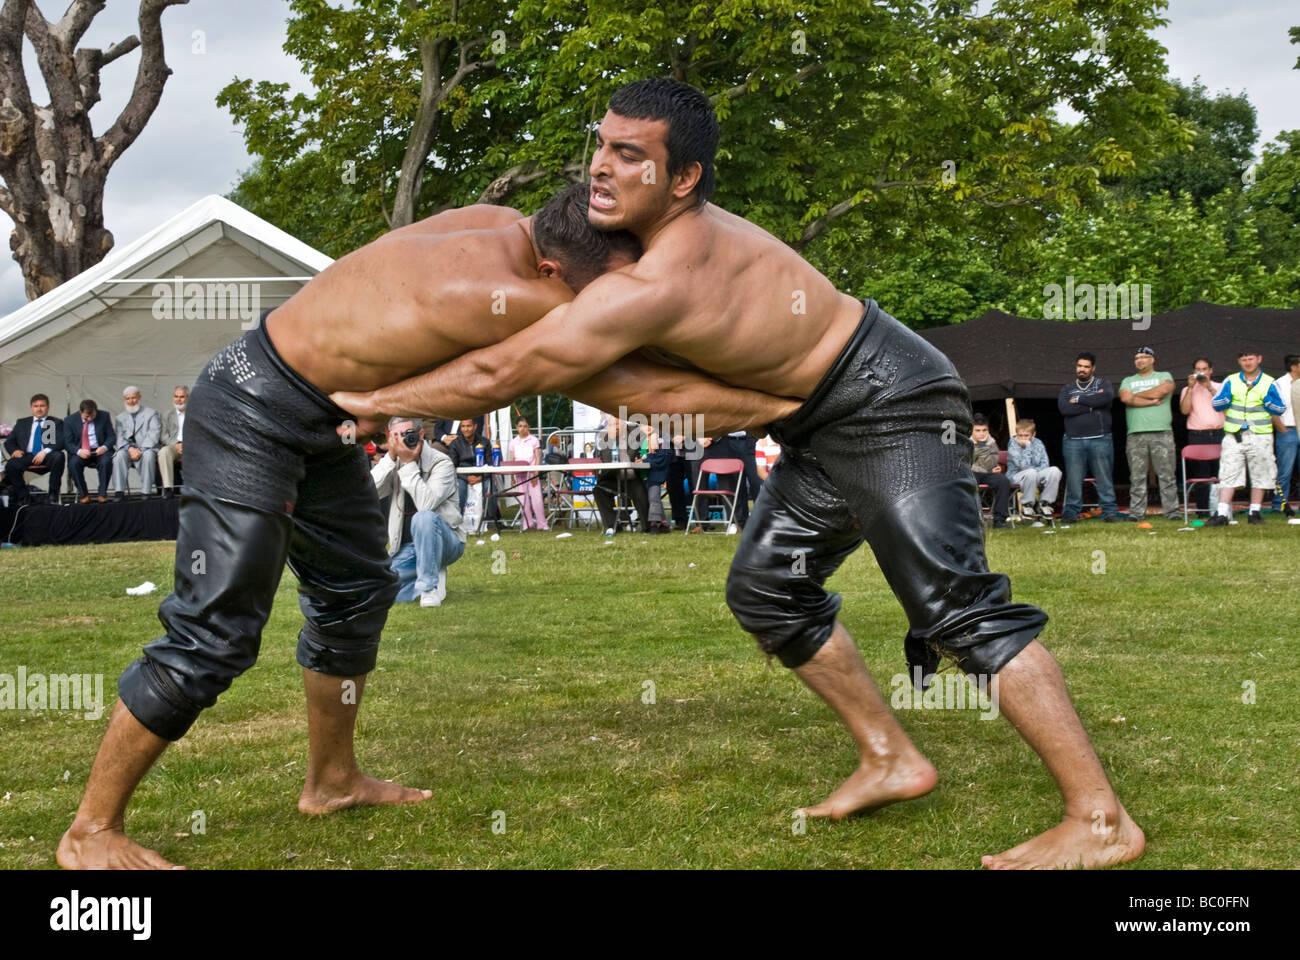 WRESTLER turco chiamato PEHLIVAN, wrestling DURANTE IL CLISSOLD PARK FESTIVAL turco/ Londra / giugno 2009 Immagini Stock